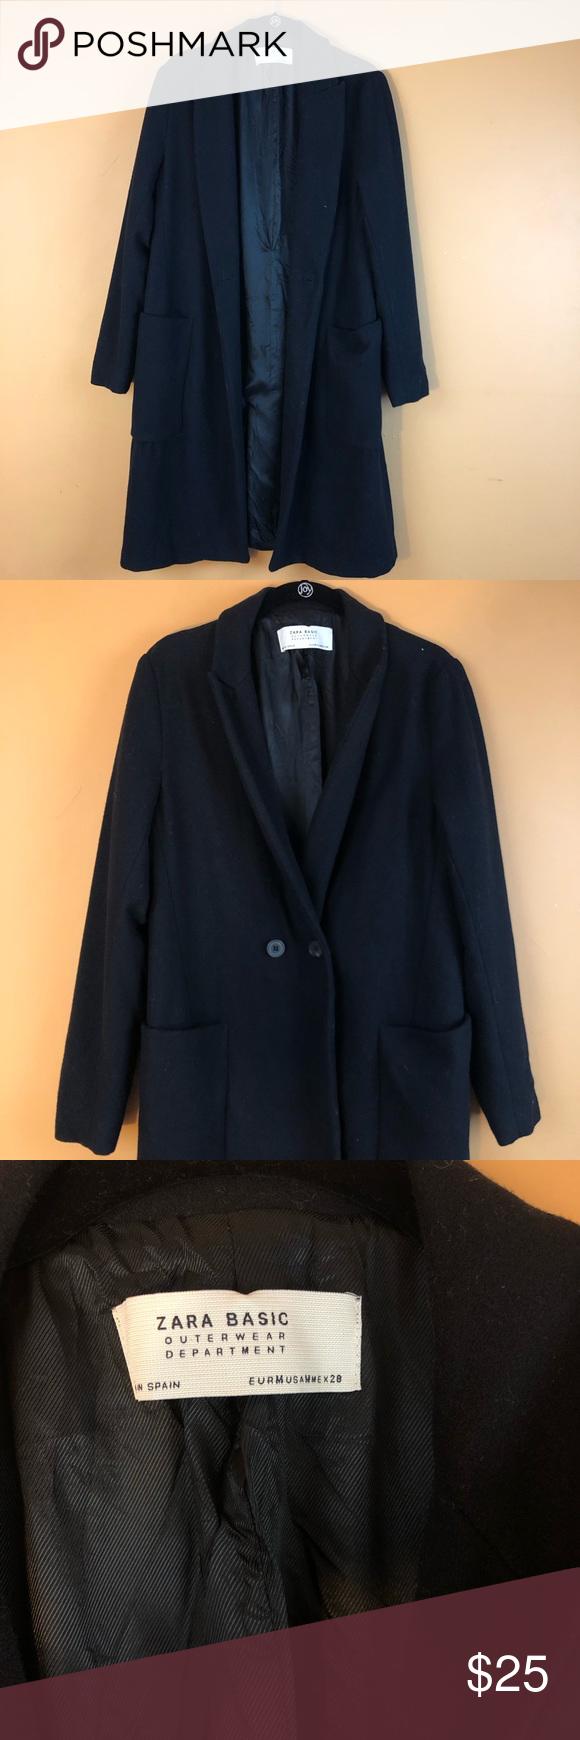 Zara Outerwear Black Coat Size Us 6 Black Coat Zara Outerwear [ 1740 x 580 Pixel ]